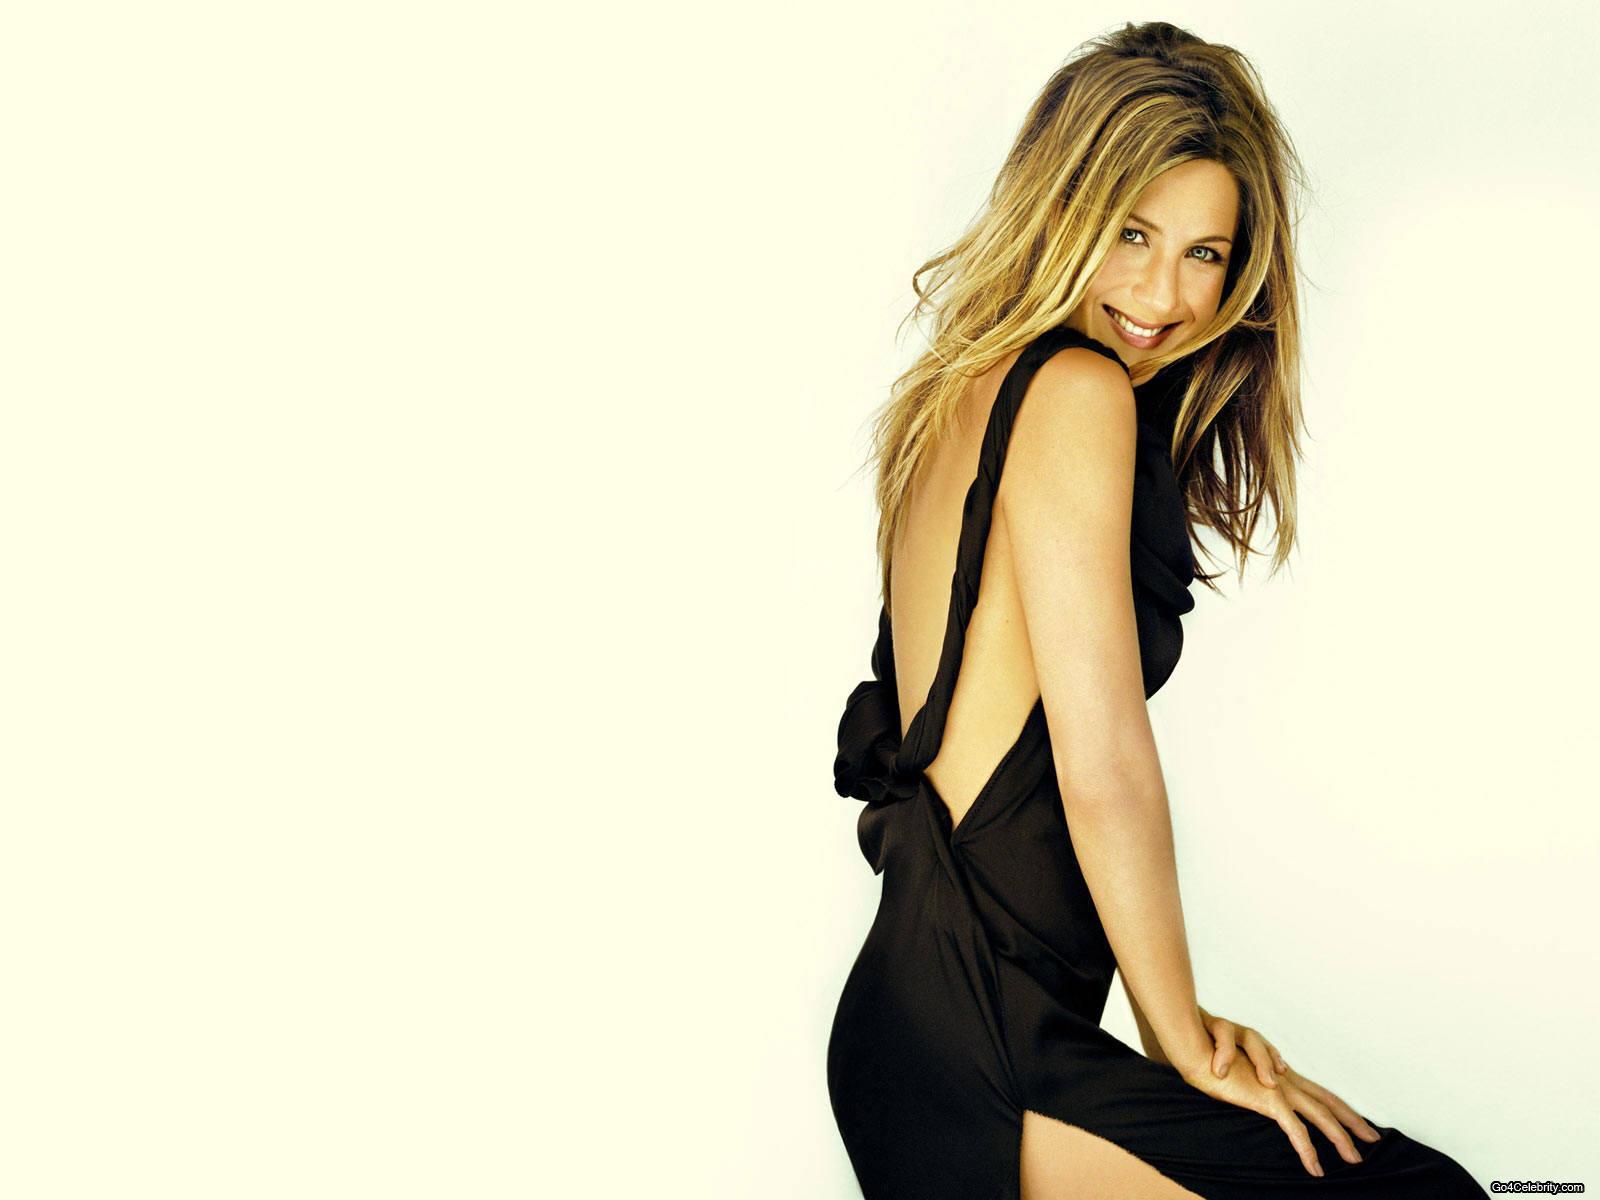 http://4.bp.blogspot.com/_CRsA2fUP4Ys/SxUoiY1THzI/AAAAAAAAB5k/lUzpCiaUJuc/s1600/Jennifer+Aniston+2.jpg